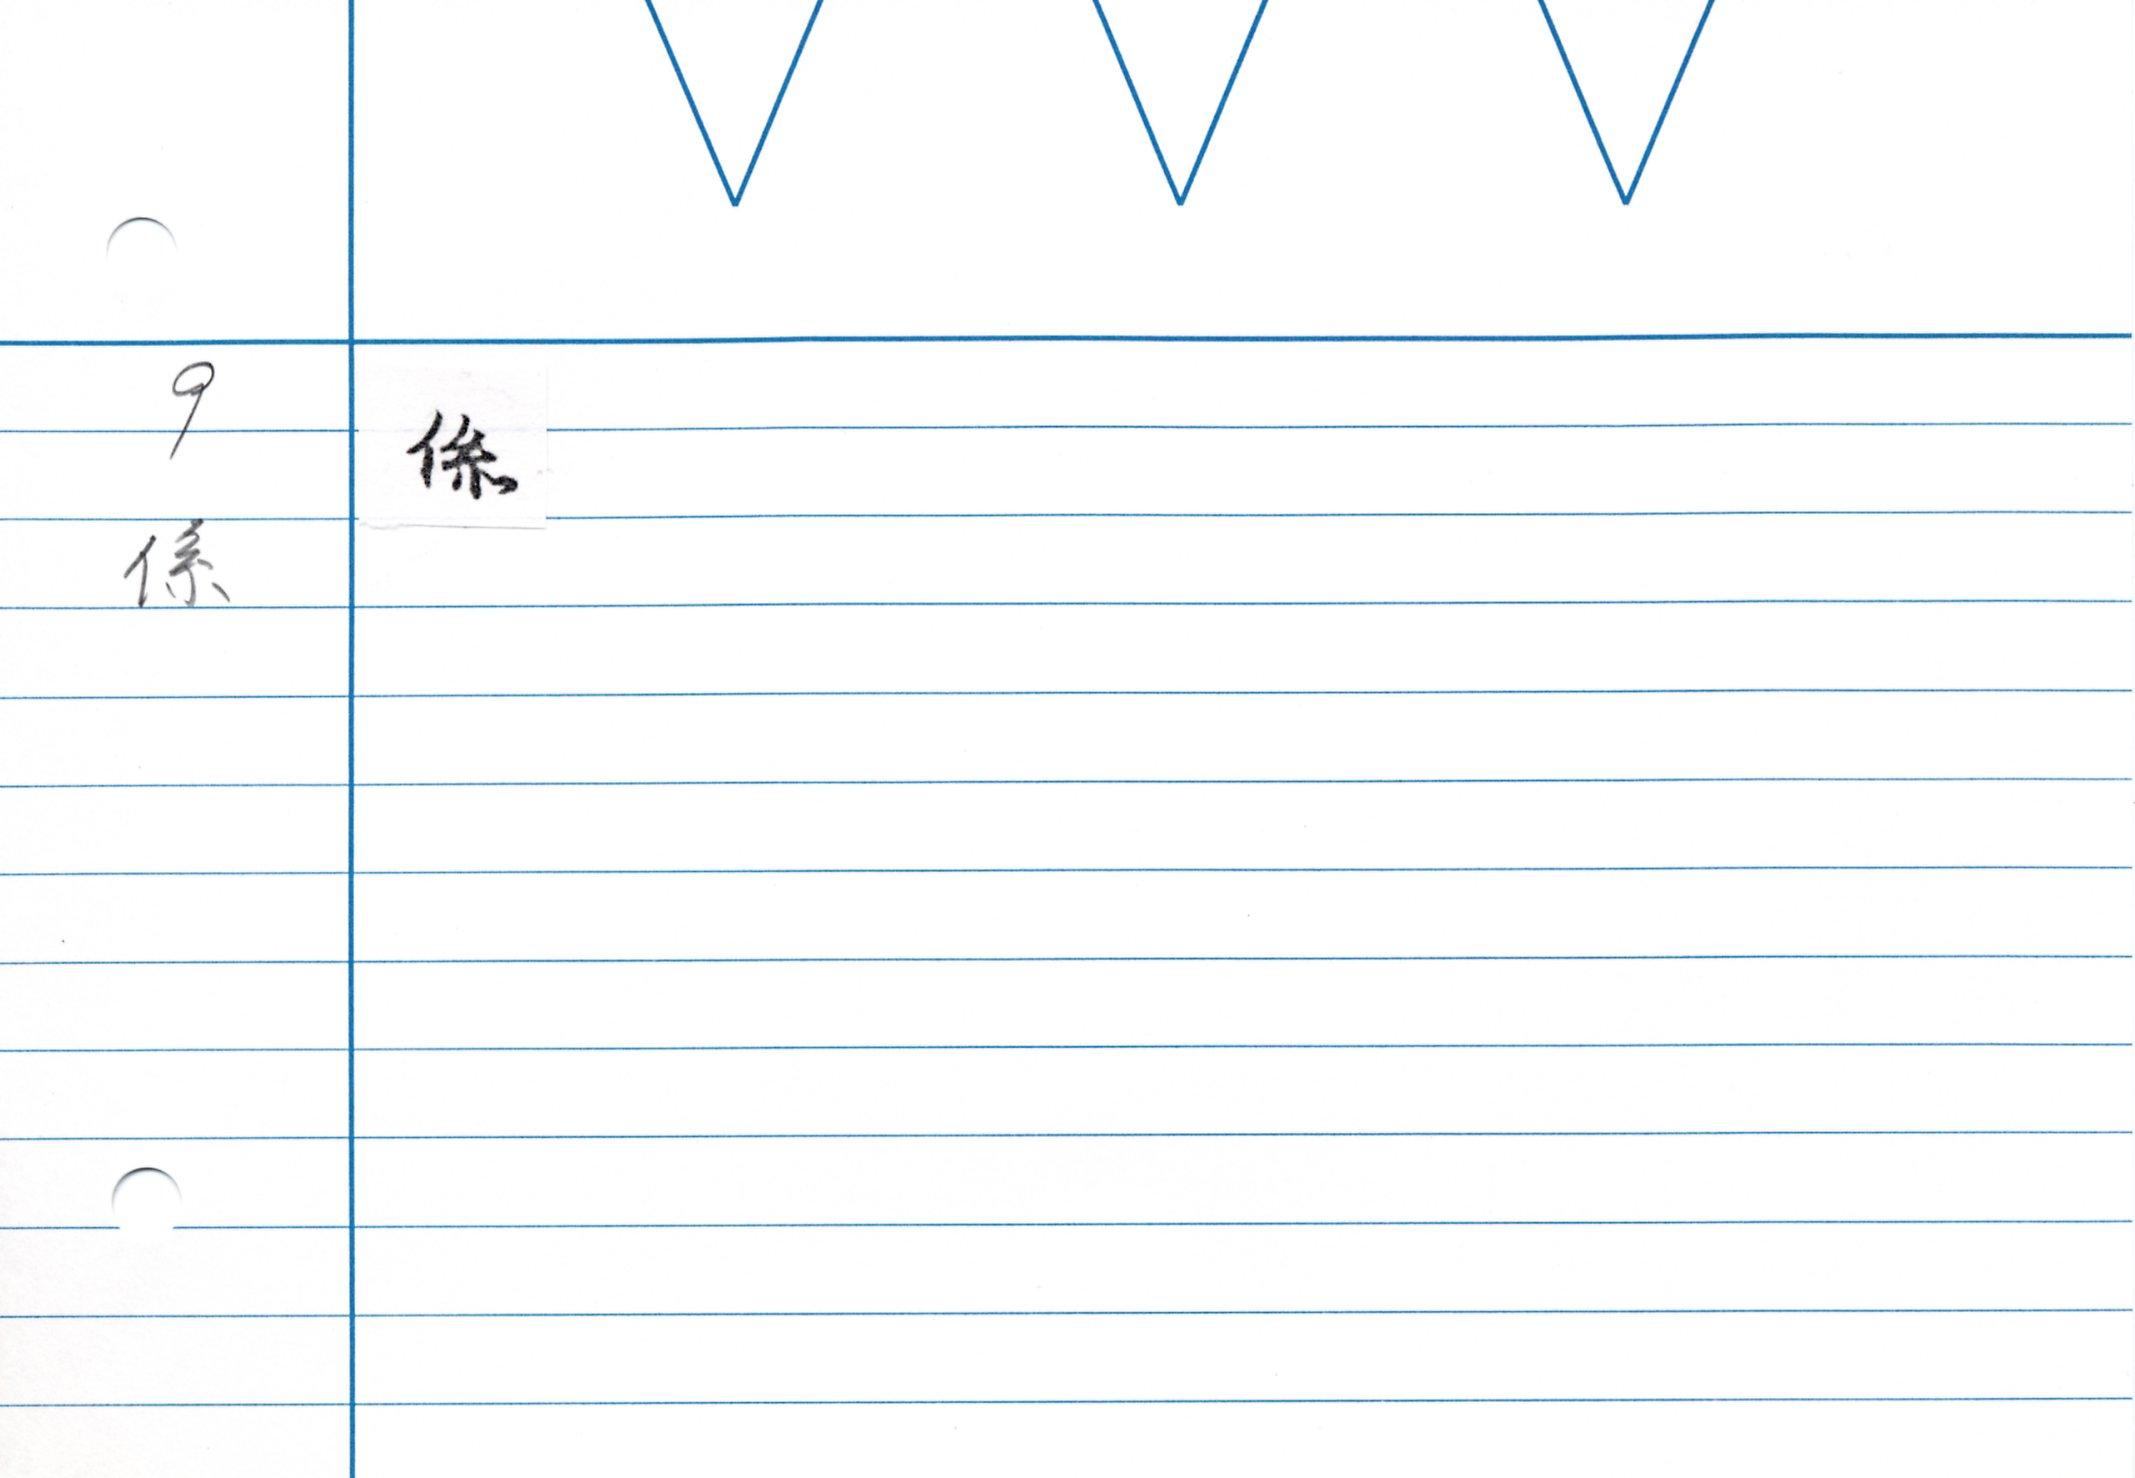 57_金剛大教王經卷一(高山寺本)/cards/0008.jpg